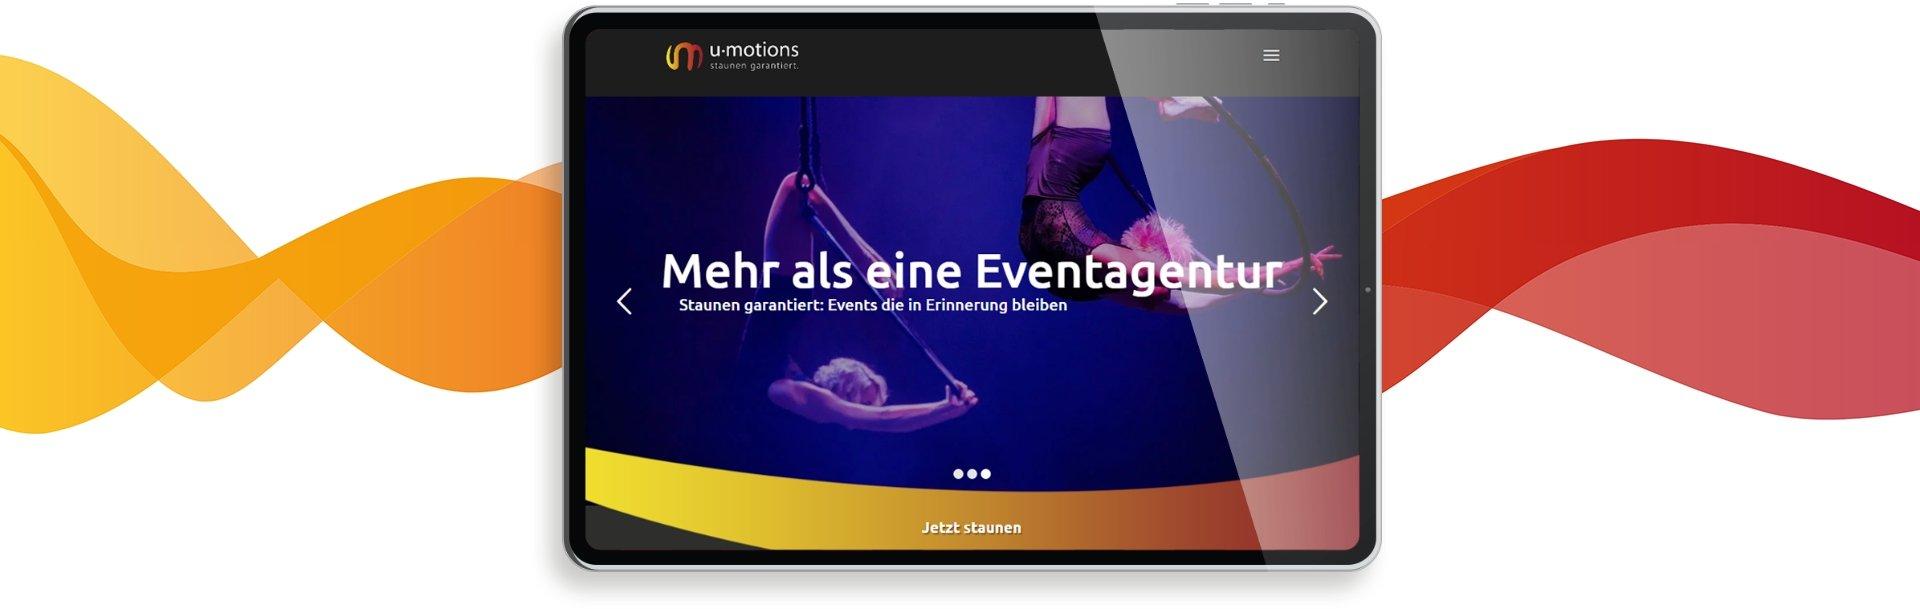 Tablet responsive Webdesign u-motions